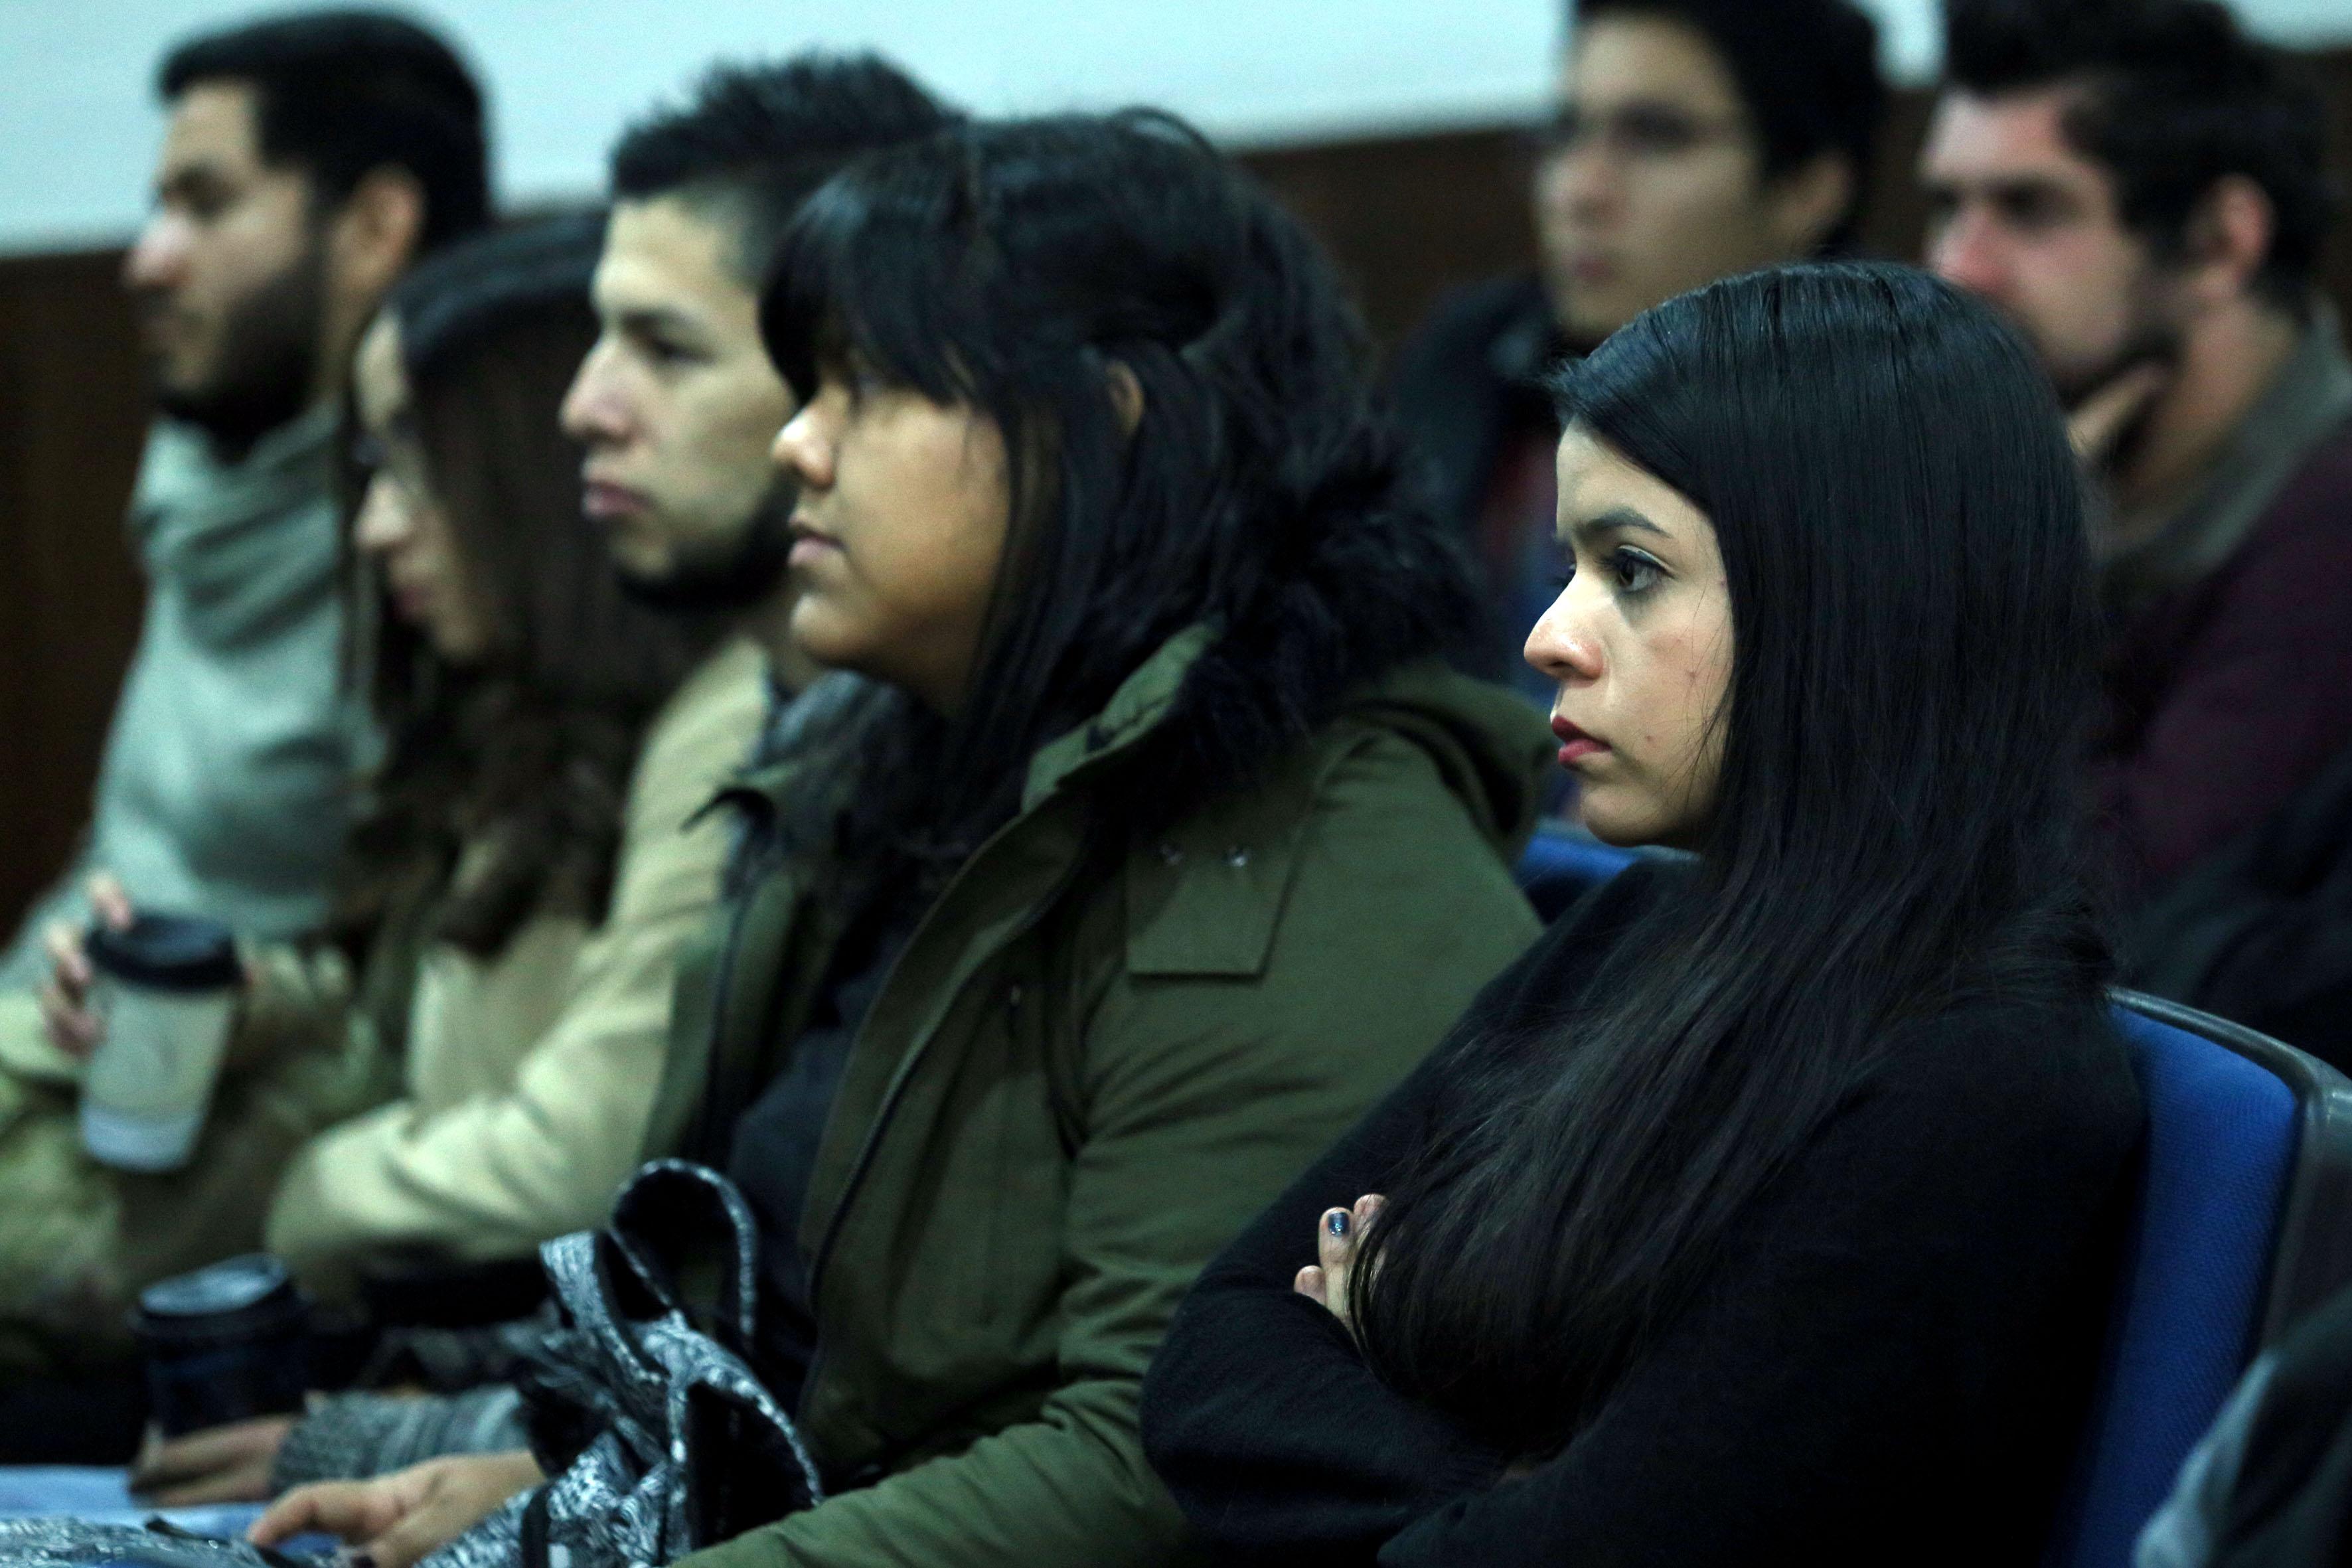 Estudiantes del Centro Universitario de Ciencias Sociales y Humanidades (CUCSH), asistentes a la conferencia.